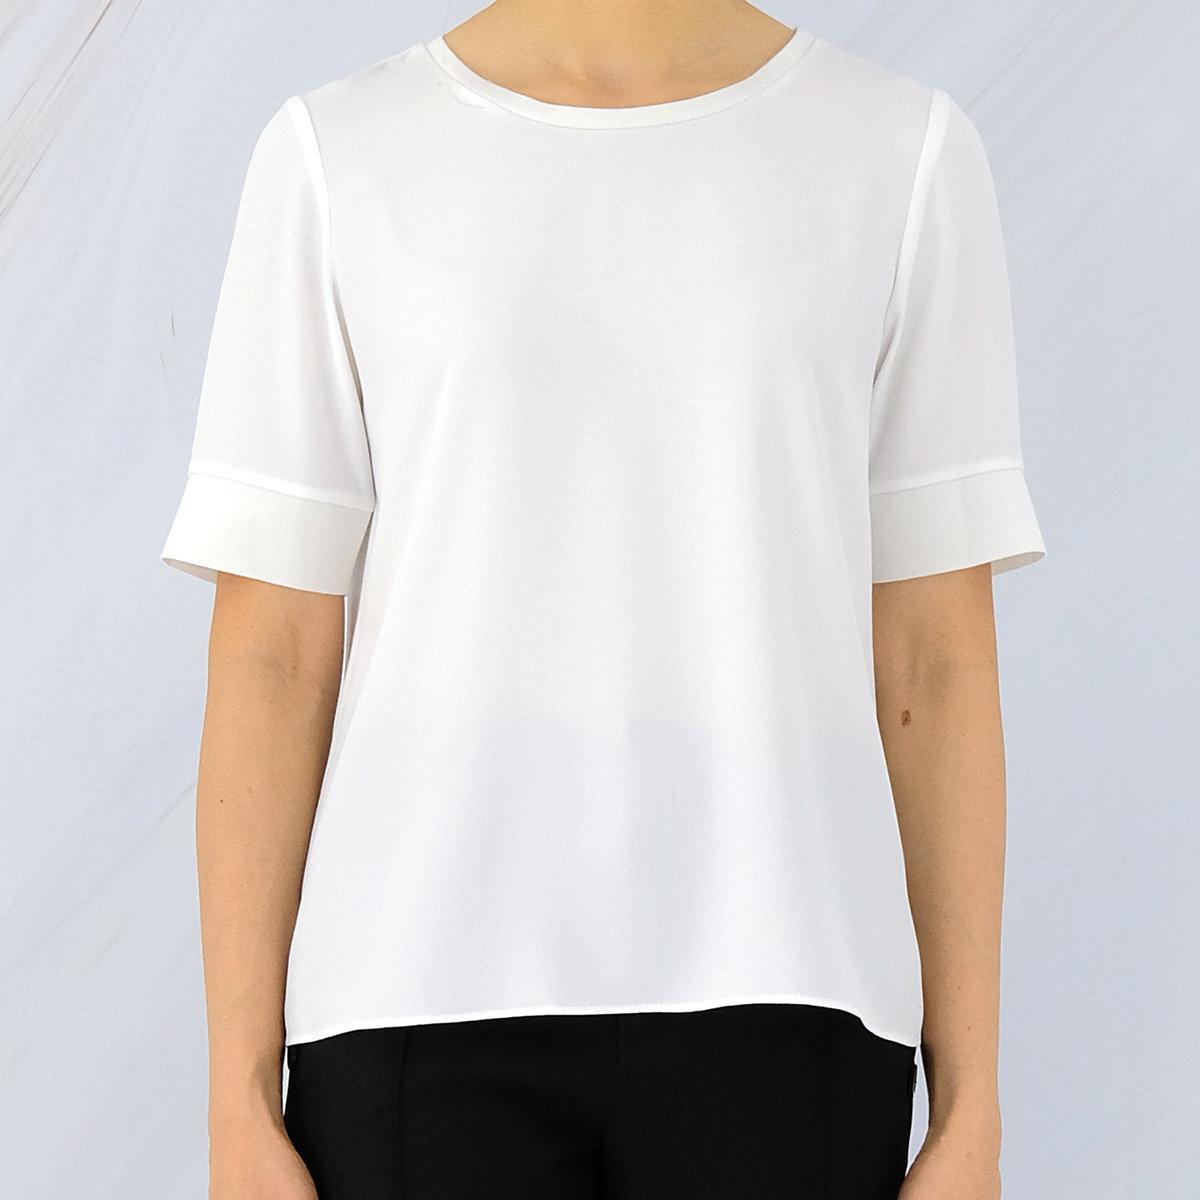 Women's Crew-neck Short Sleeve Top (Whisper White)